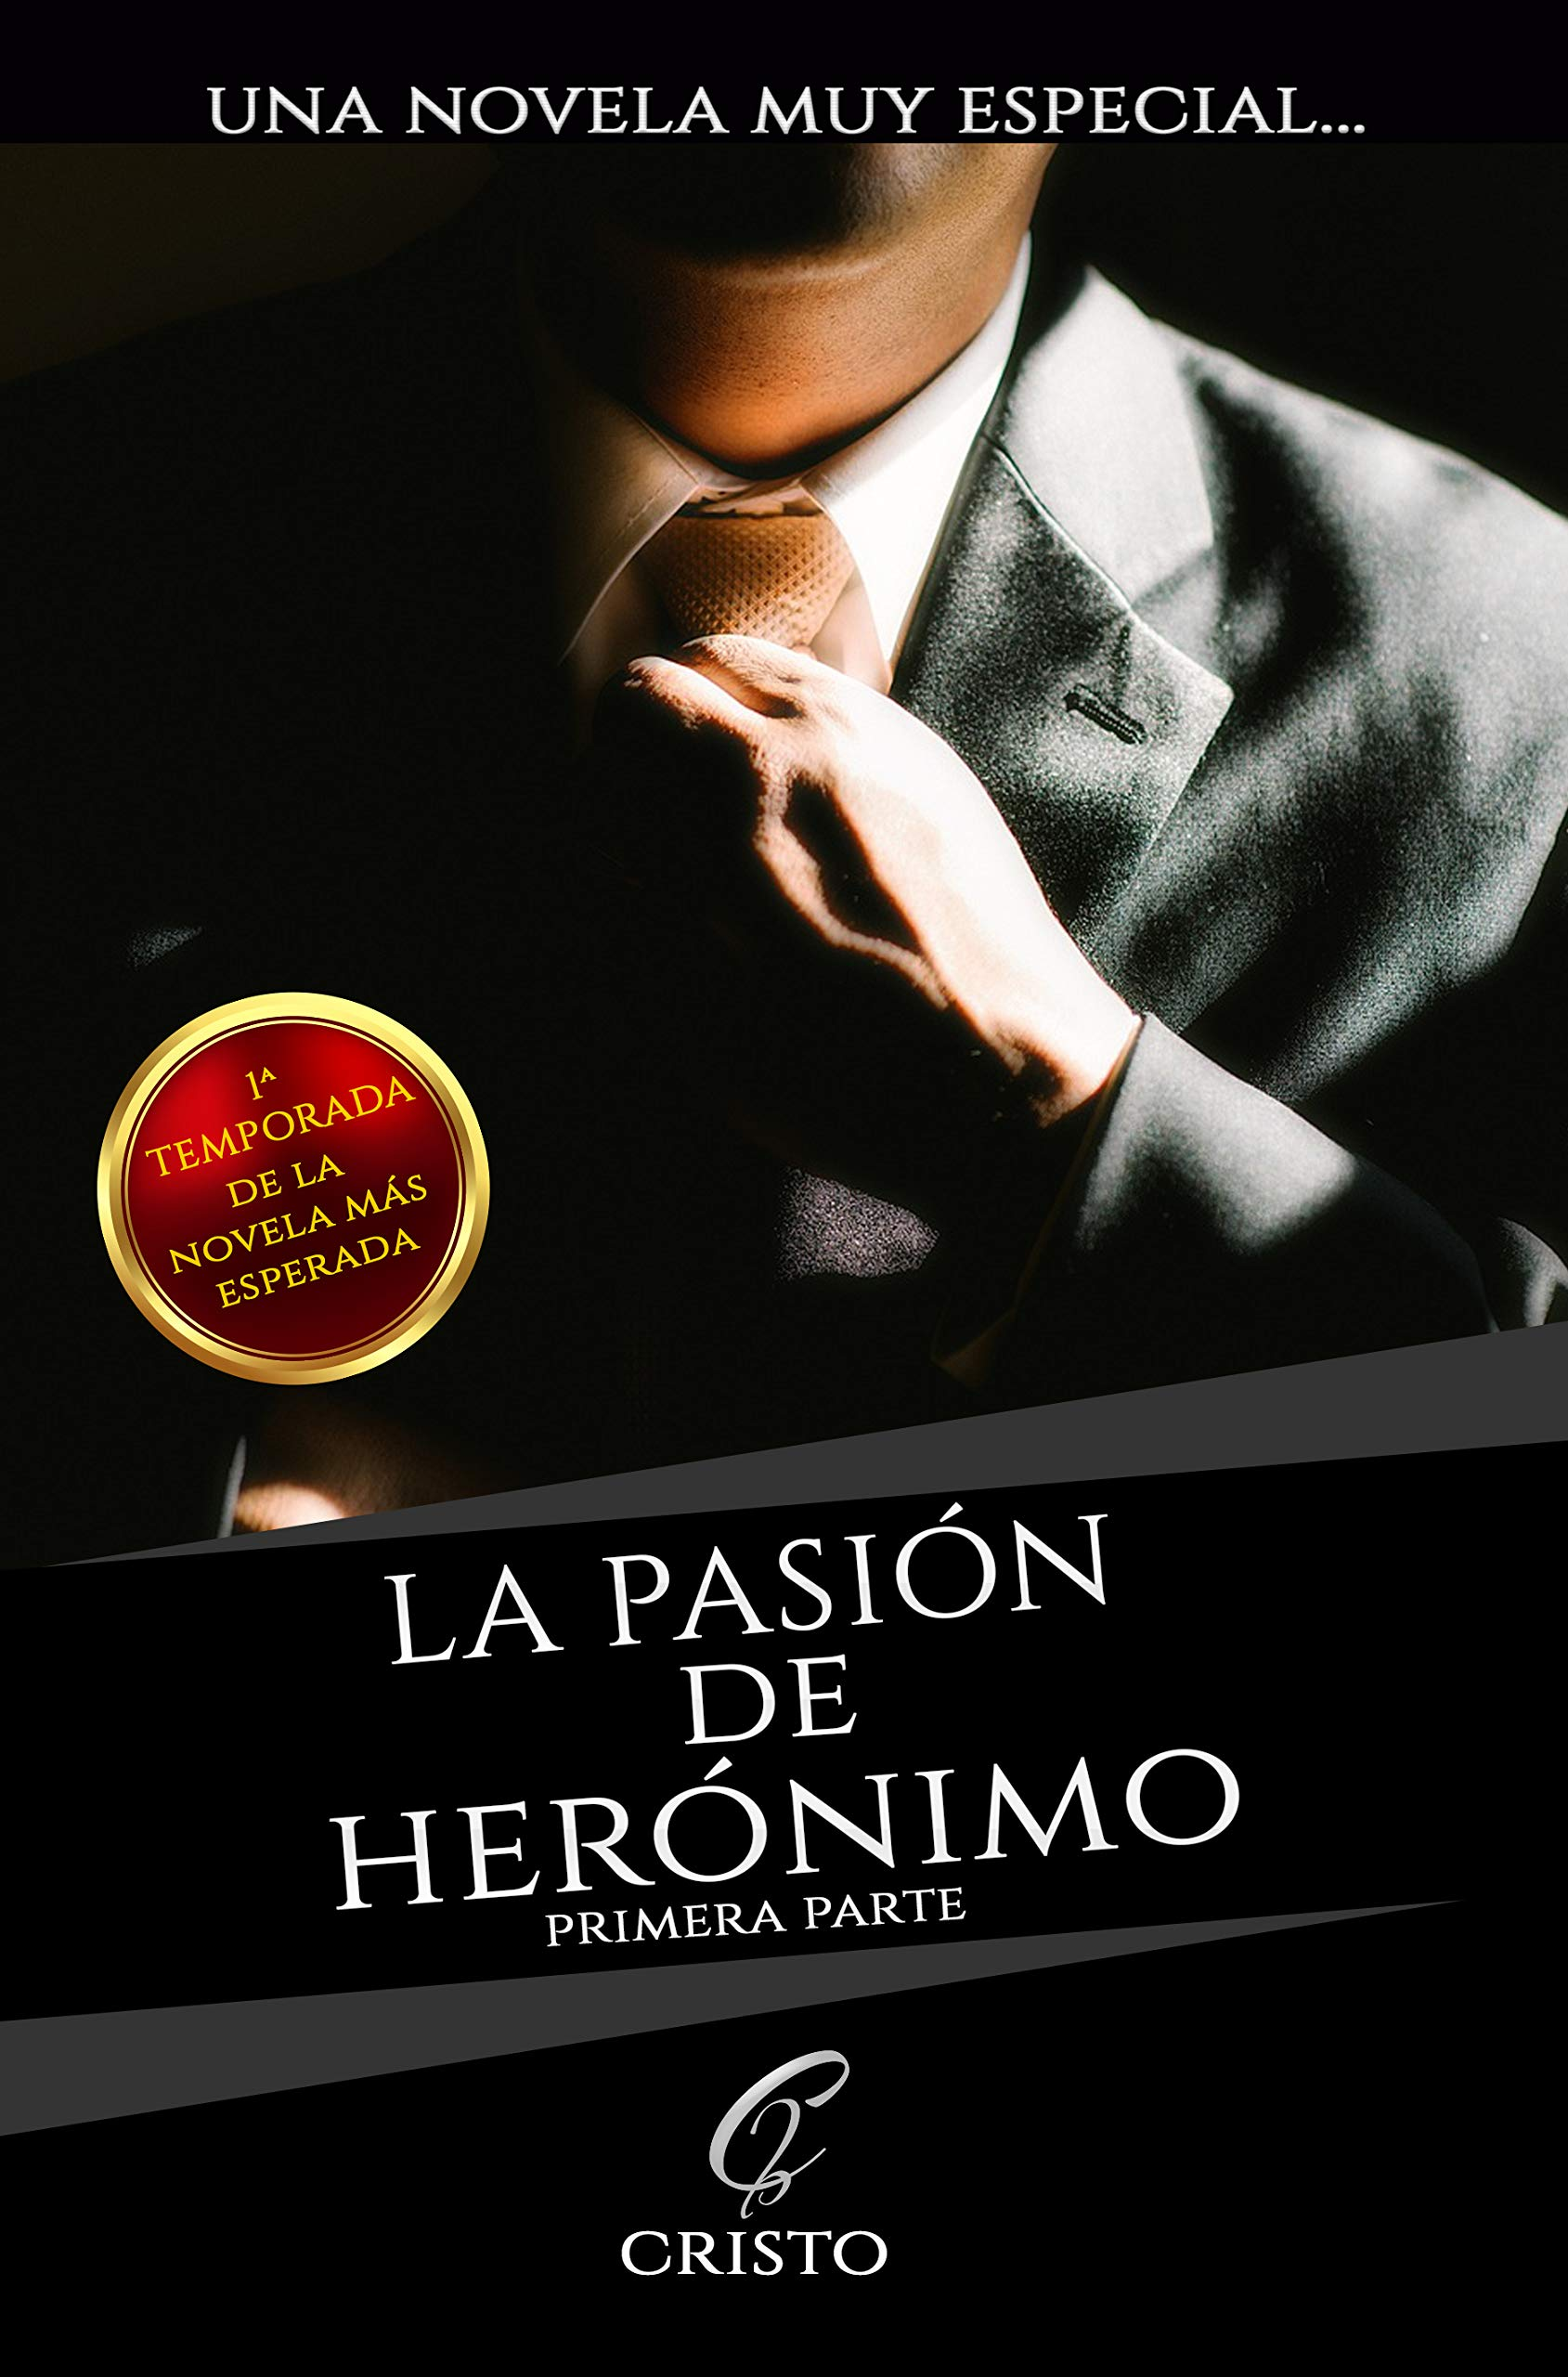 La pasión de Herónimo